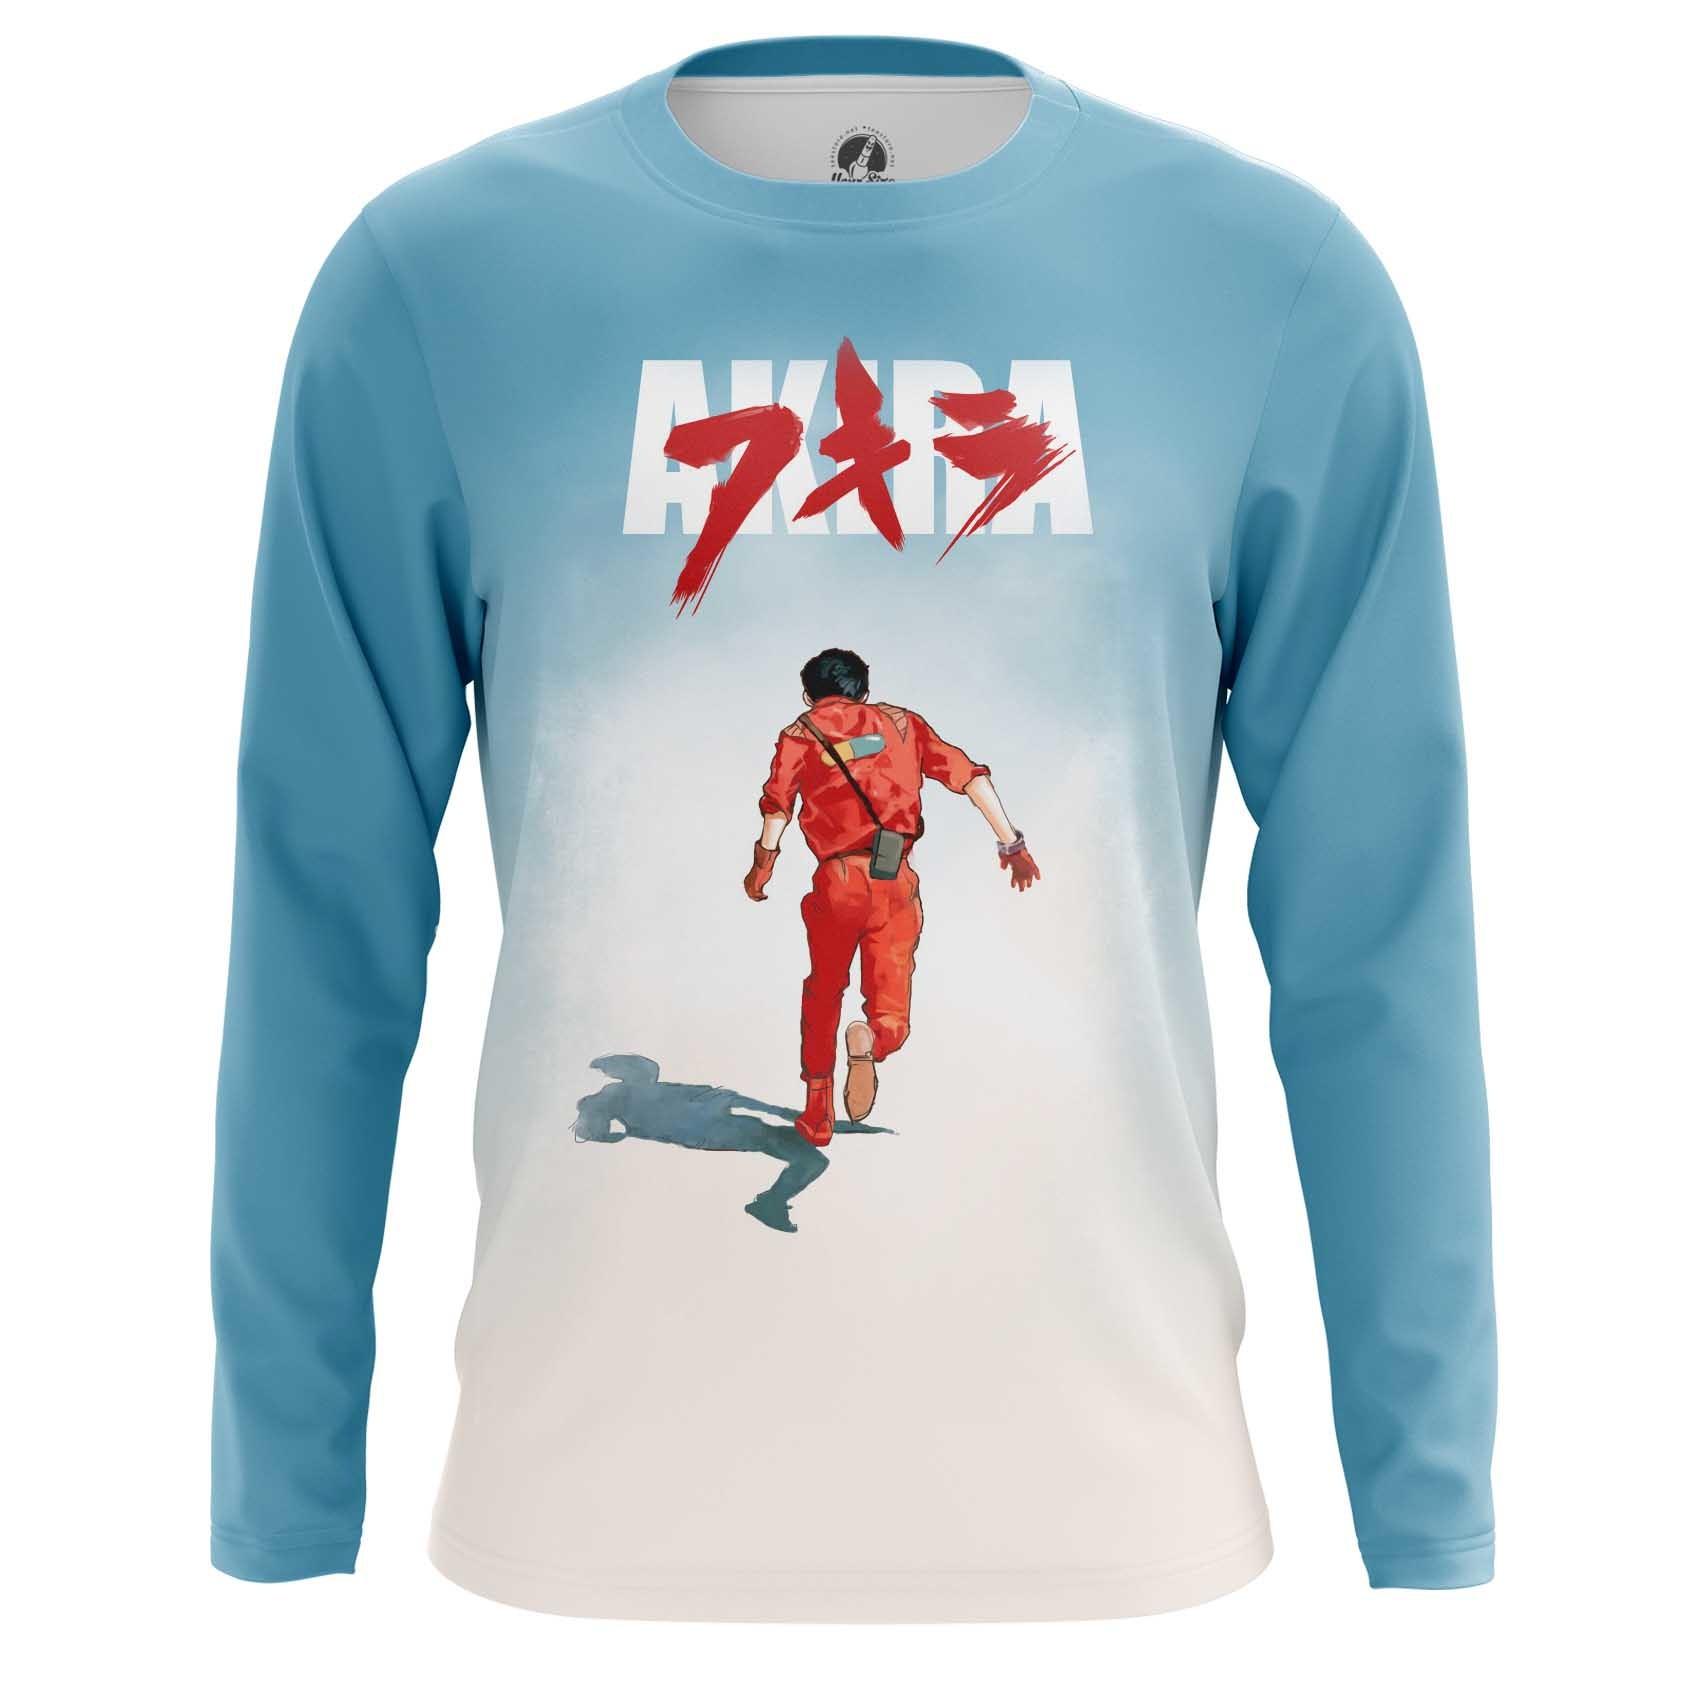 Merchandise Long Sleeve Akira 1988 Thriller Shirt